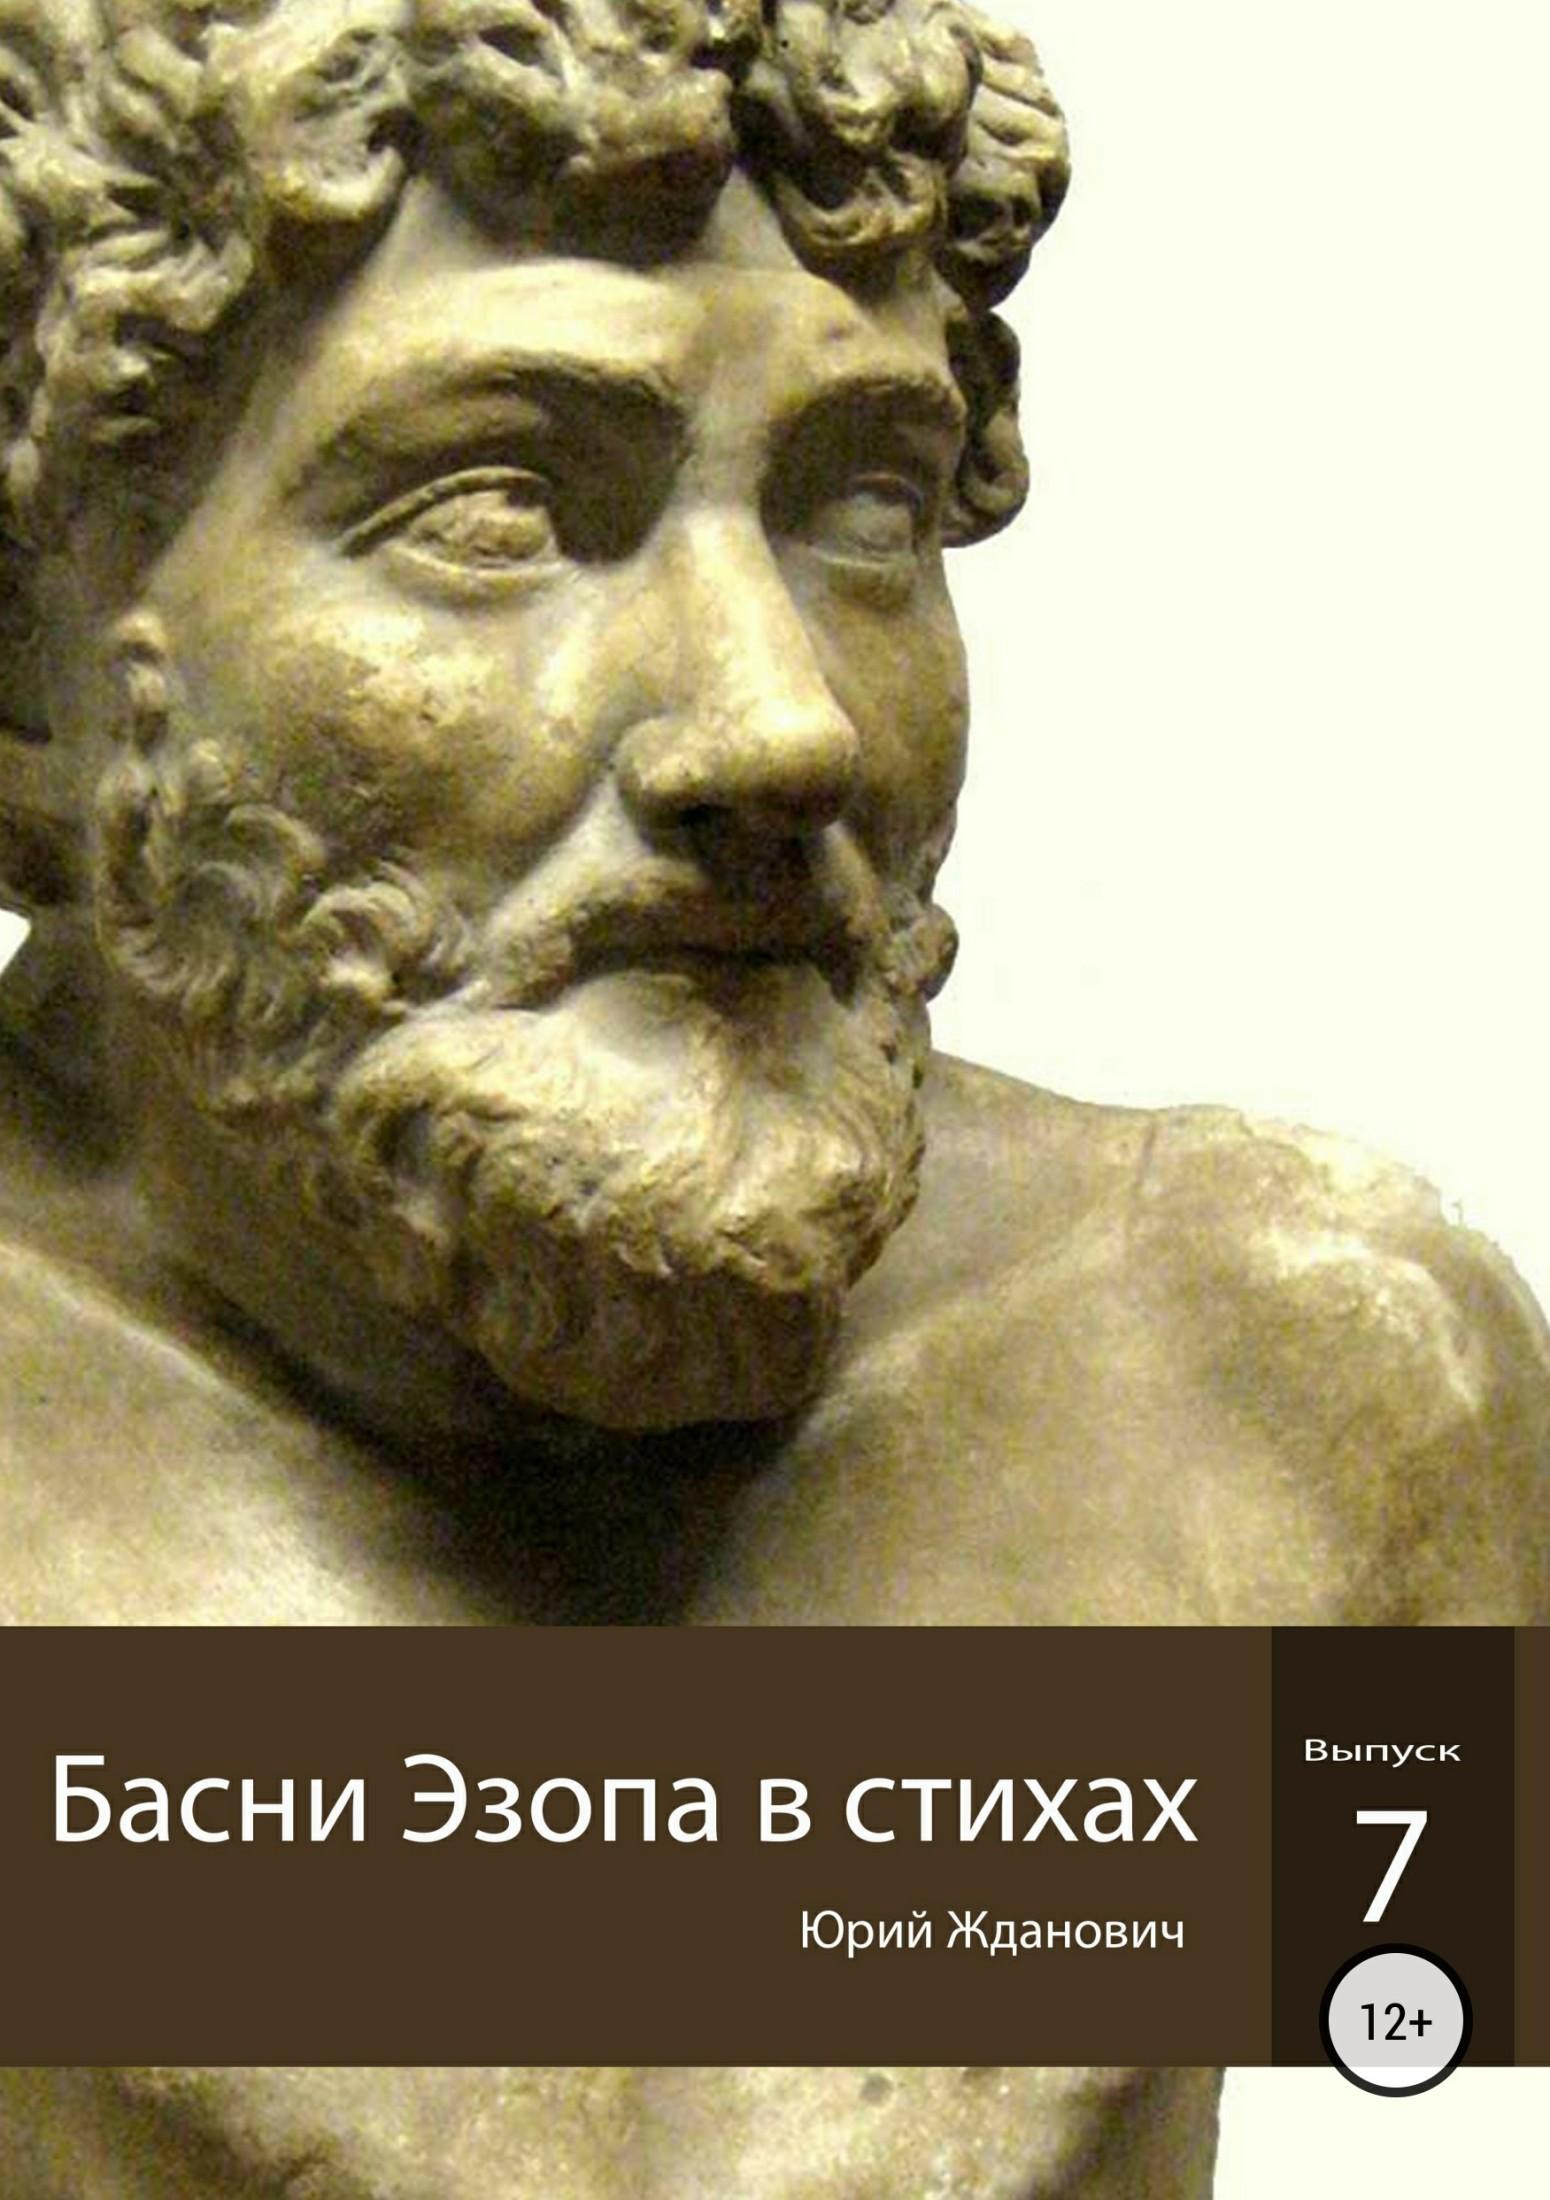 Юрий Михайлович Жданович Басни Эзопа в стихах. Выпуск 7